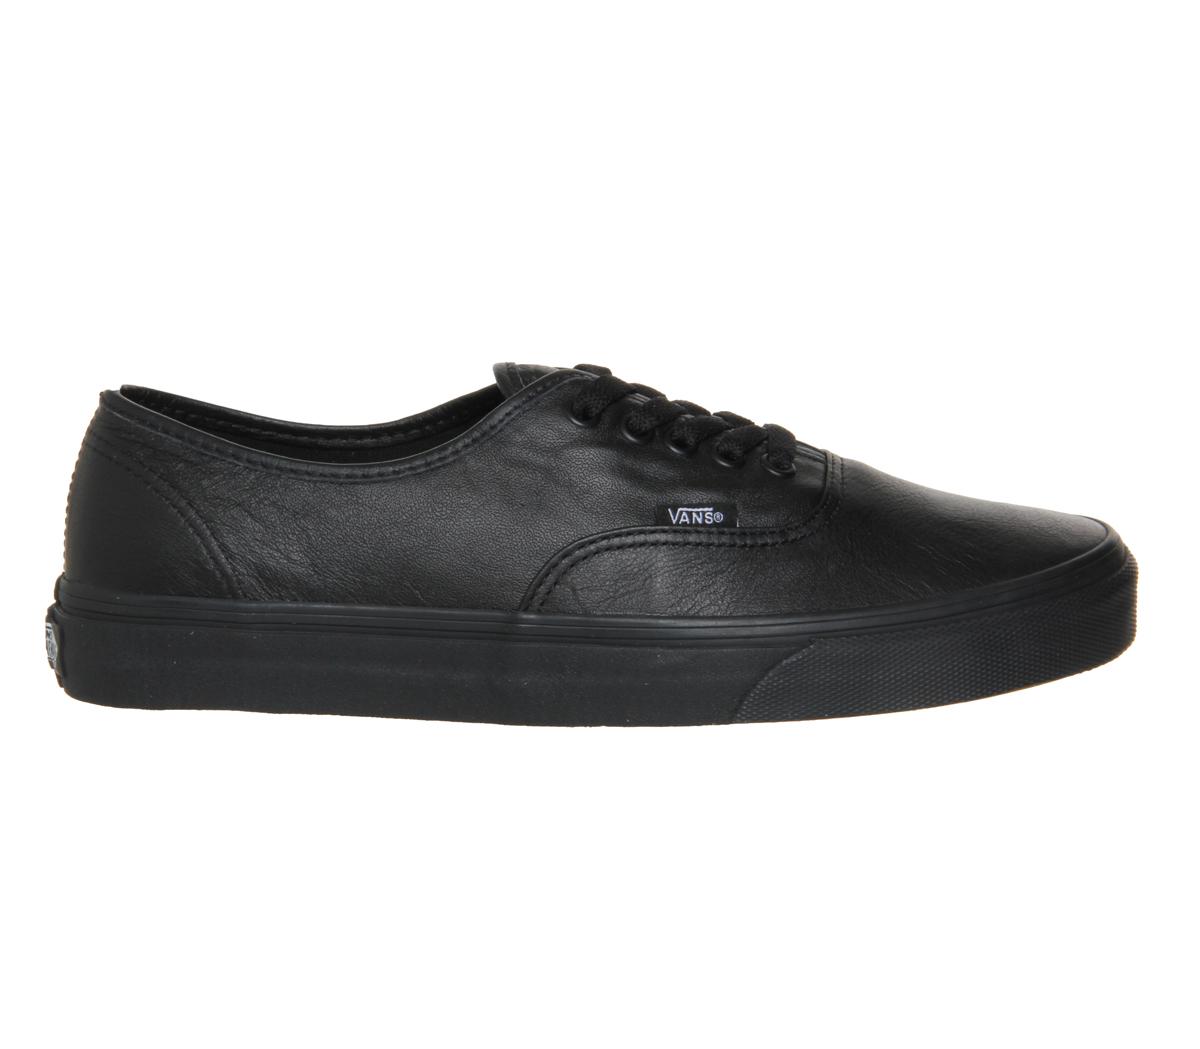 vans authentic black leather mono